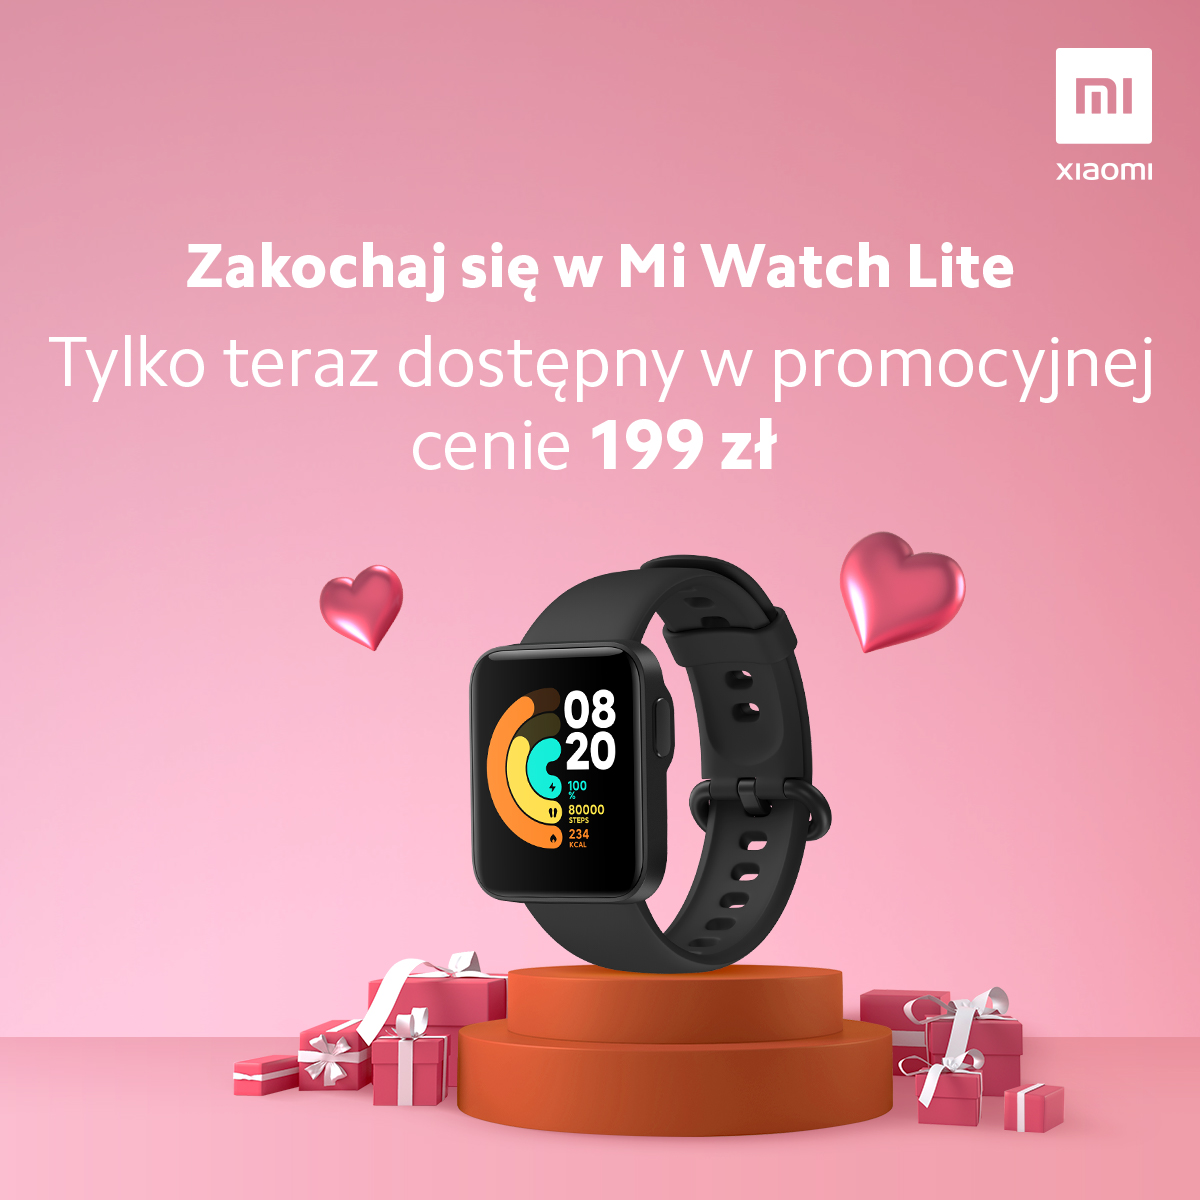 promocja Xiaomi Mi Watch lite cena opinie gdzie kupić najtaniej w Polsce na walentynki